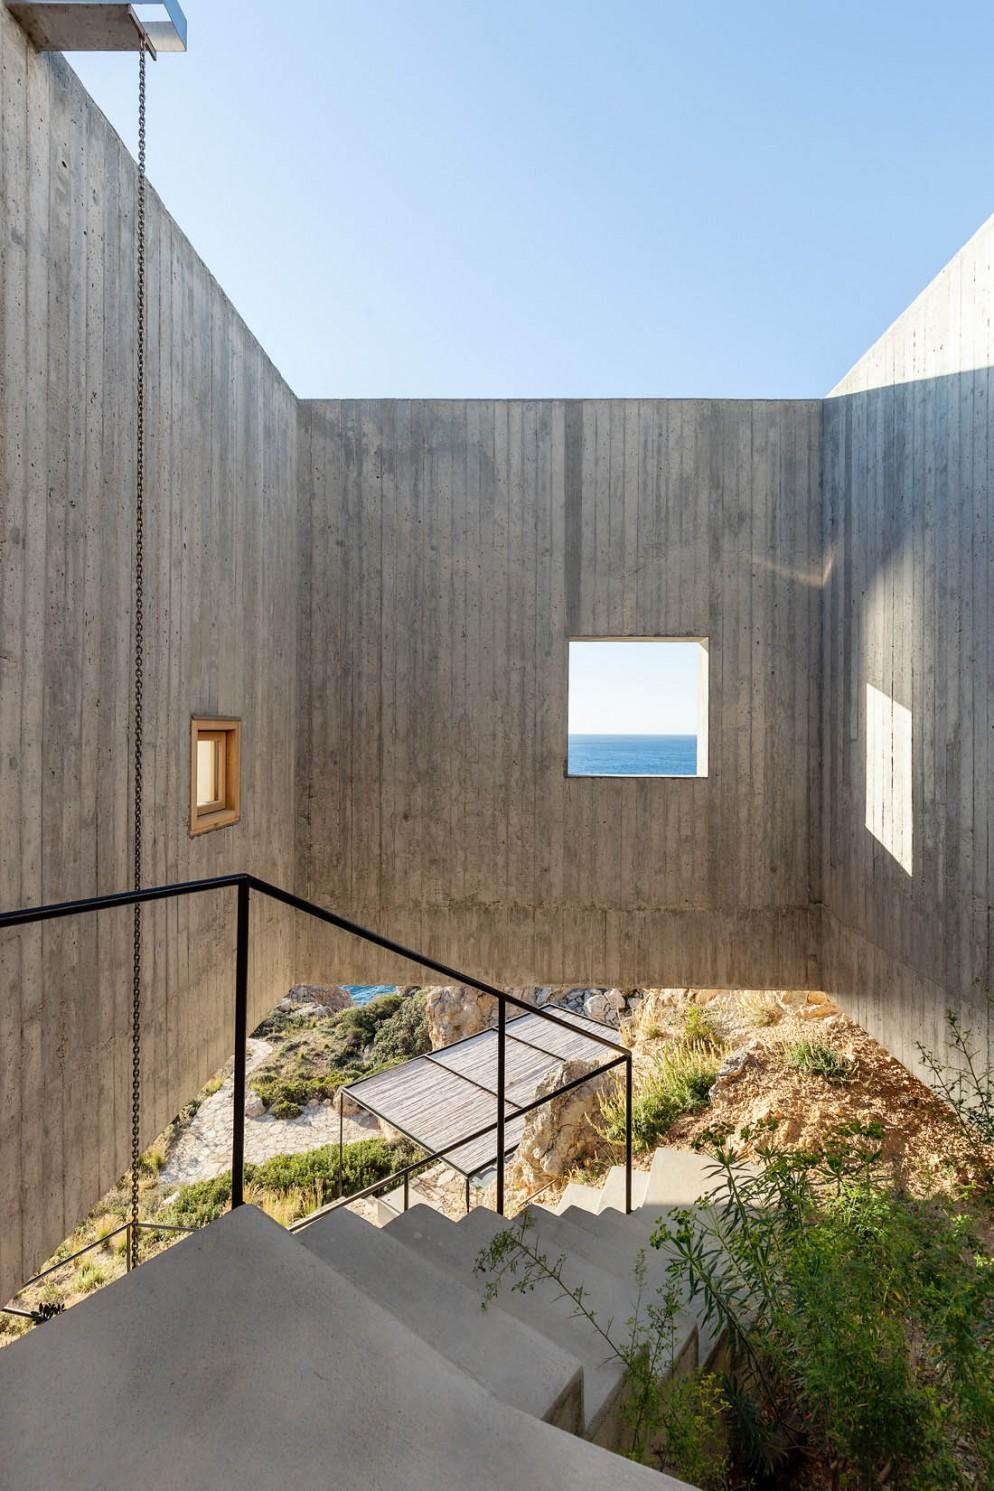 patio-house-di-karpathos-grecia-ooak-architects-03